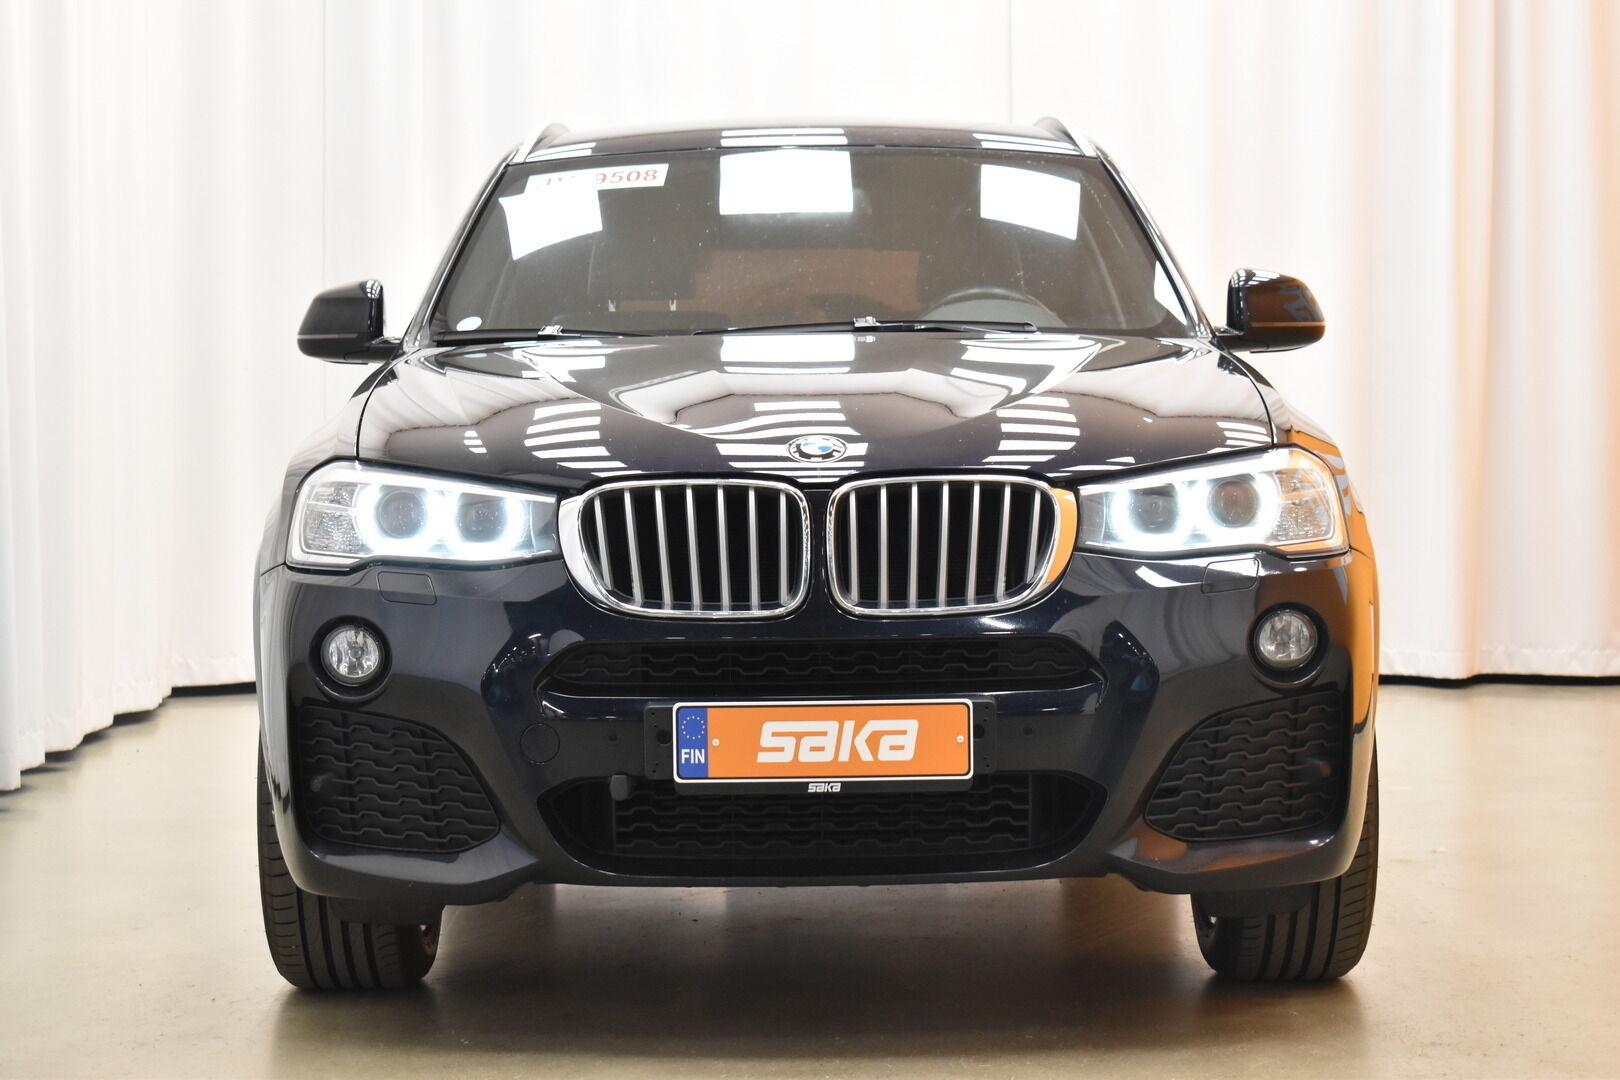 Musta Maastoauto, BMW X3 – OUL-28083, kuva 19